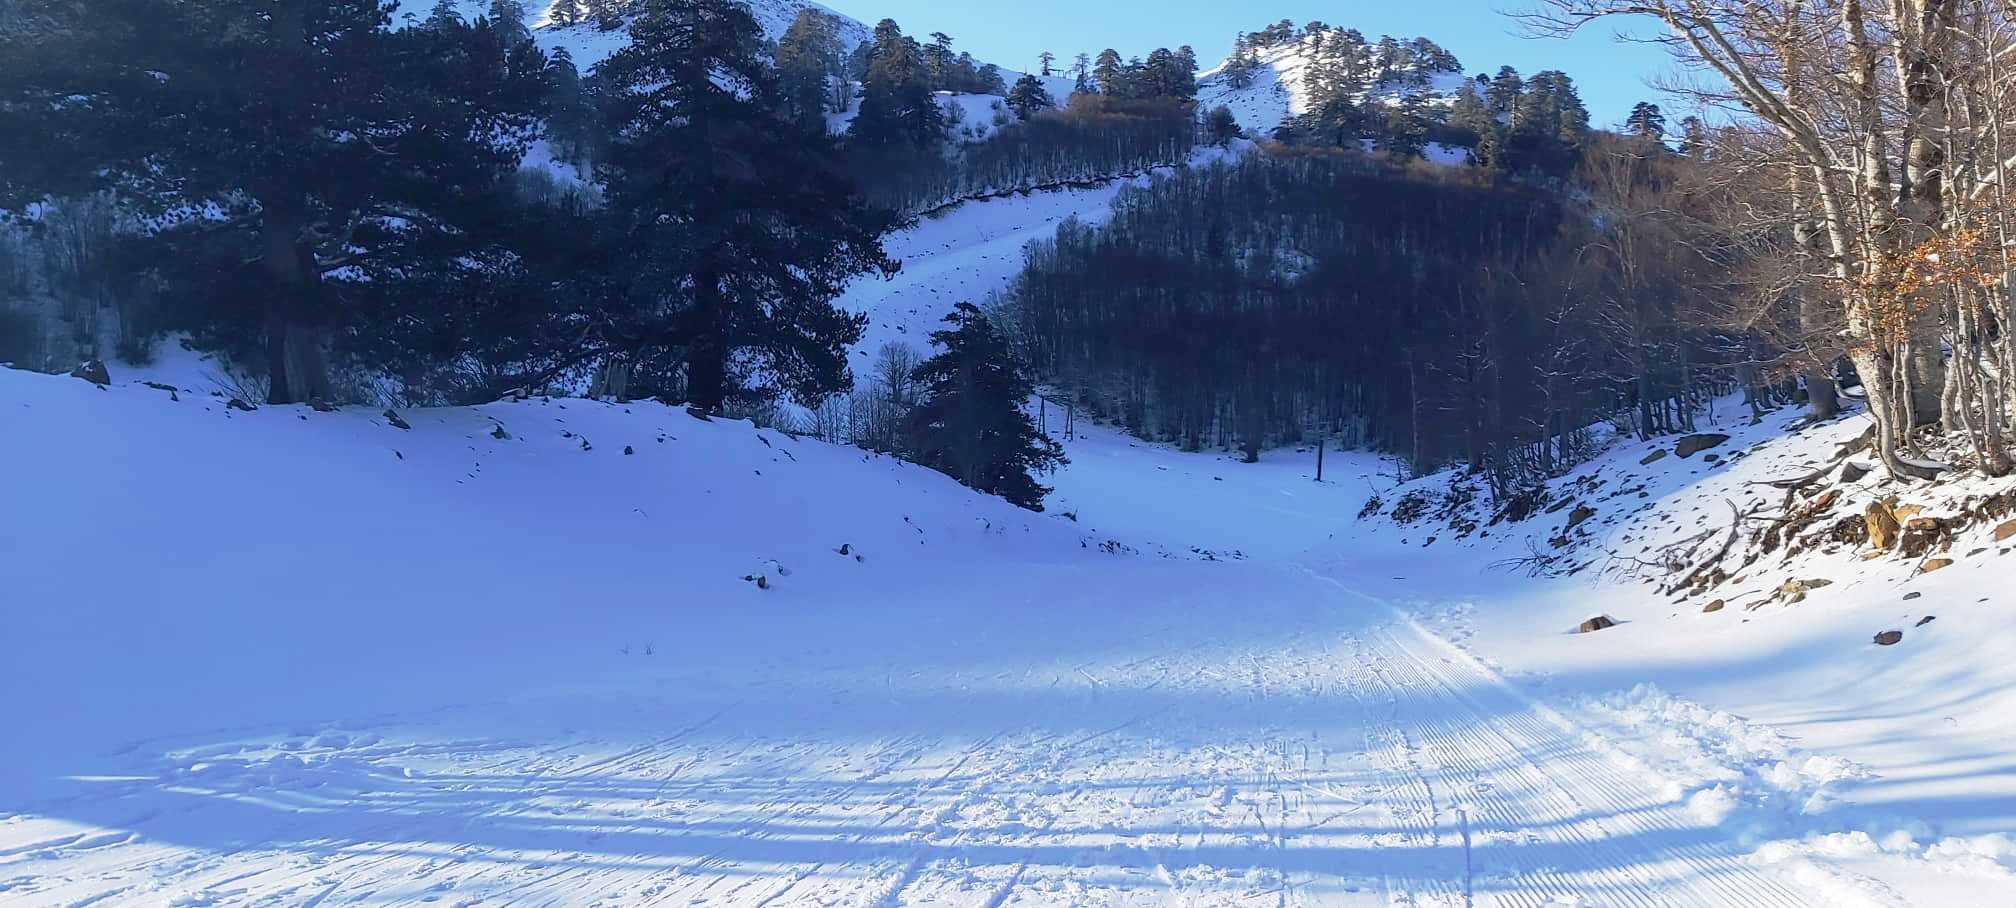 Το Εθνικό Χιονοδρομικό Κέντρο Βασιλίτσας θα είναι ανοιχτό για χιονοδρομία μέχρι και την Παρασκευή 10 Ιανουαρίου